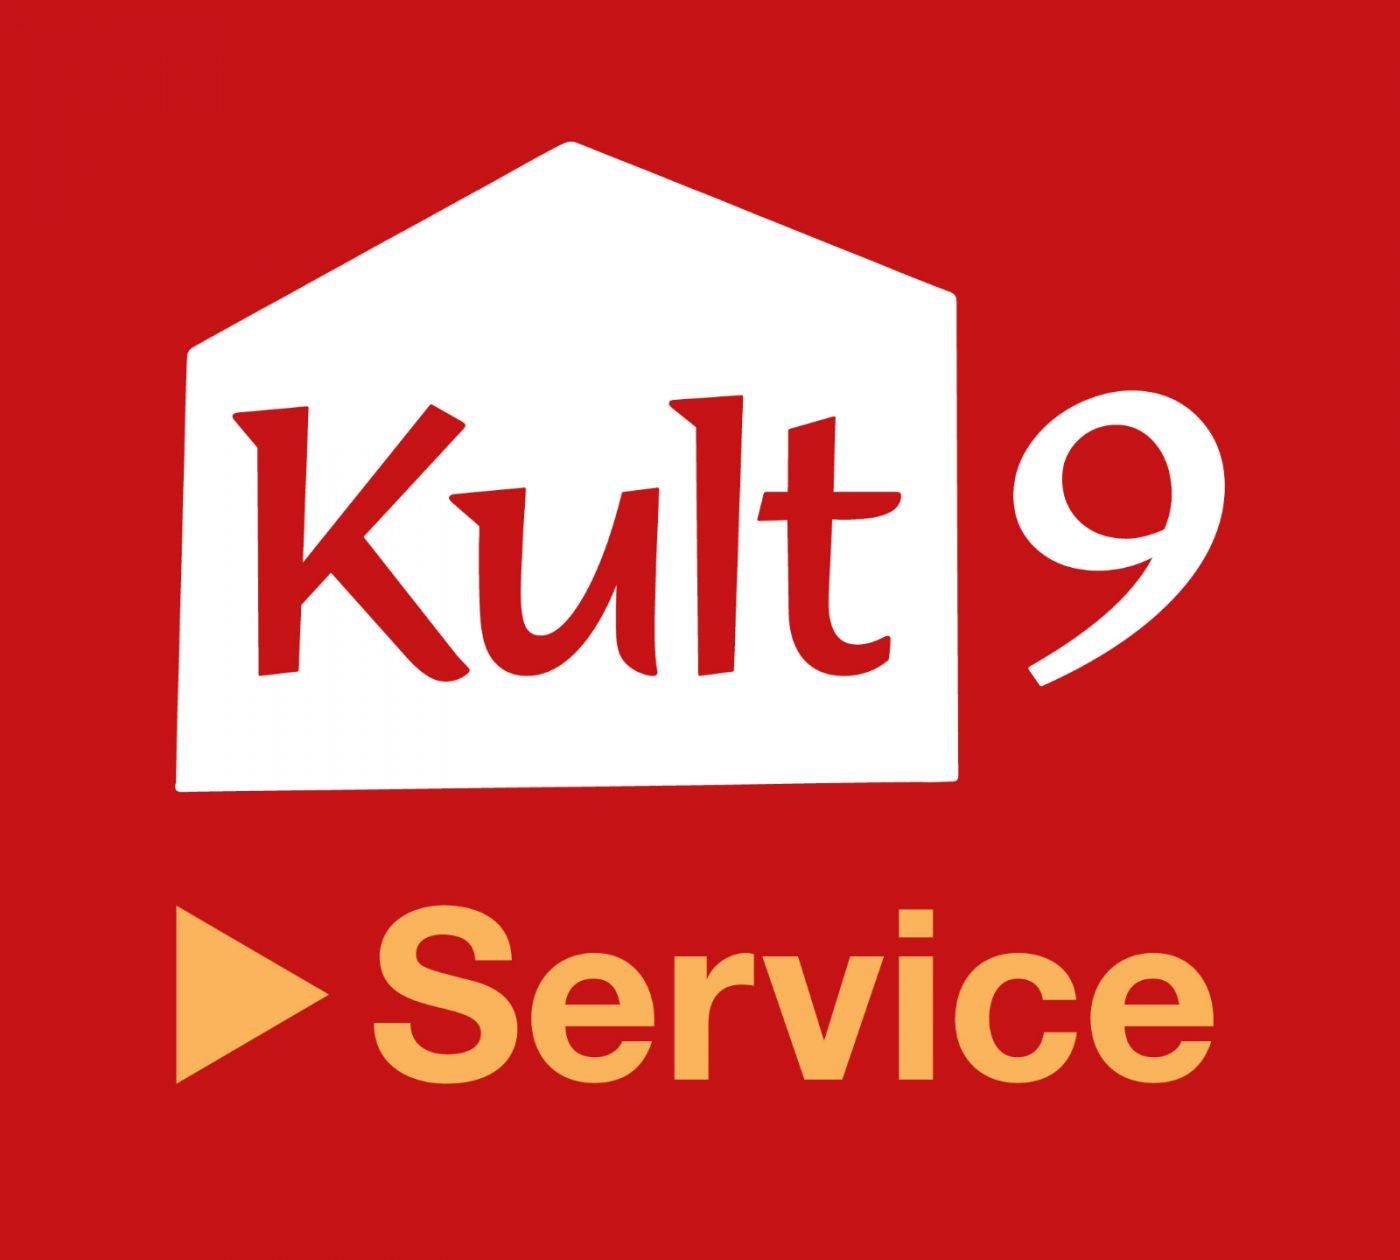 Kult9 Service - Offene Behinderten Arbeit - München